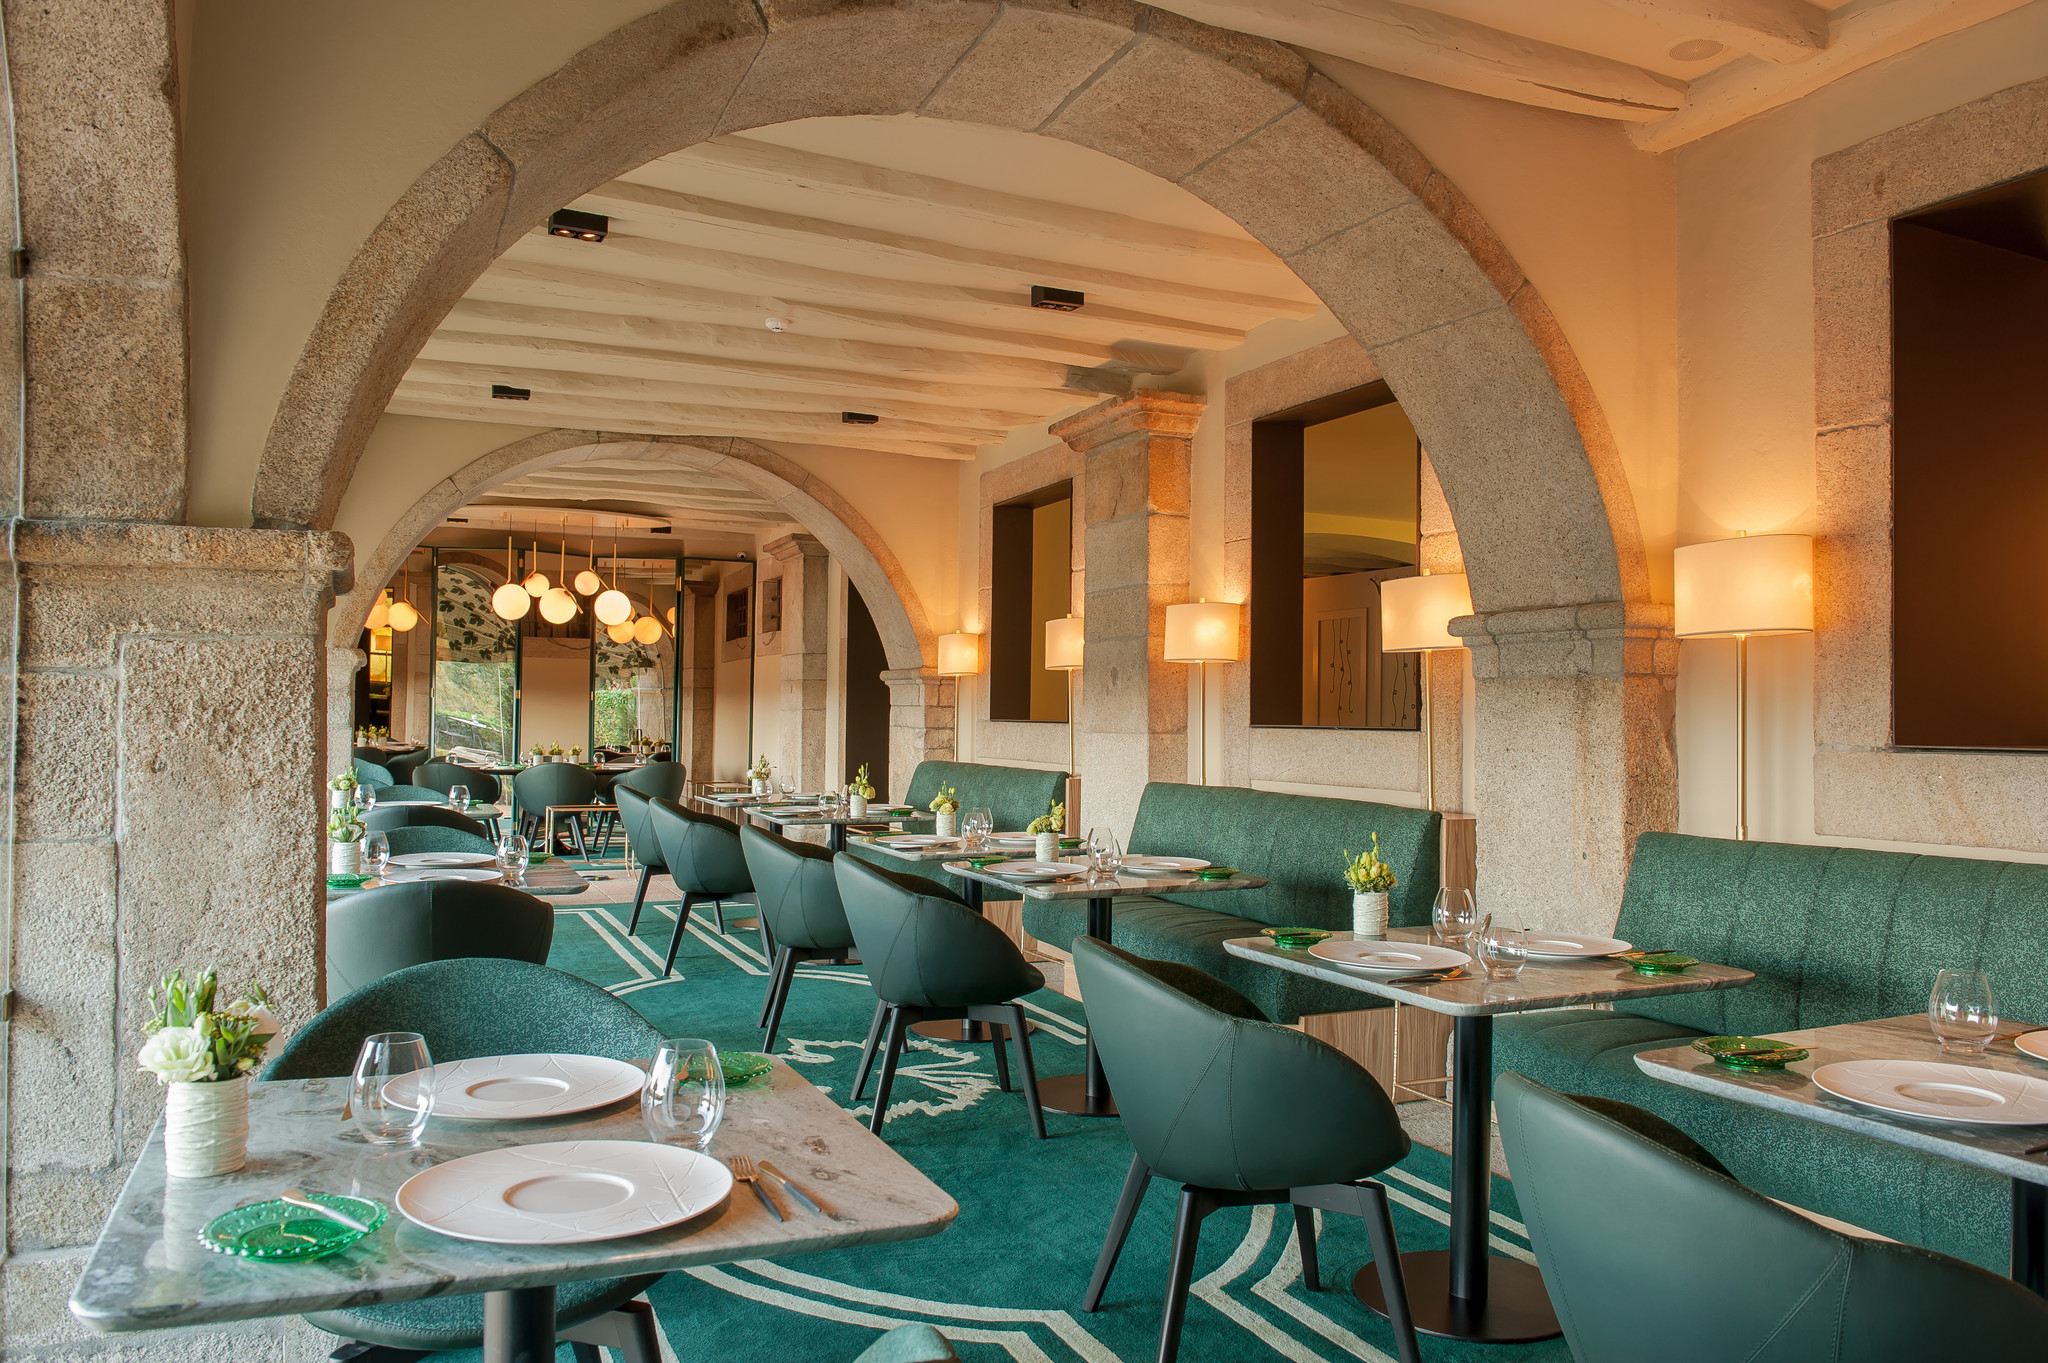 Best Restaurants in Northern Portugal restaurants Best Restaurants from Northern Portugal Antiqvvm